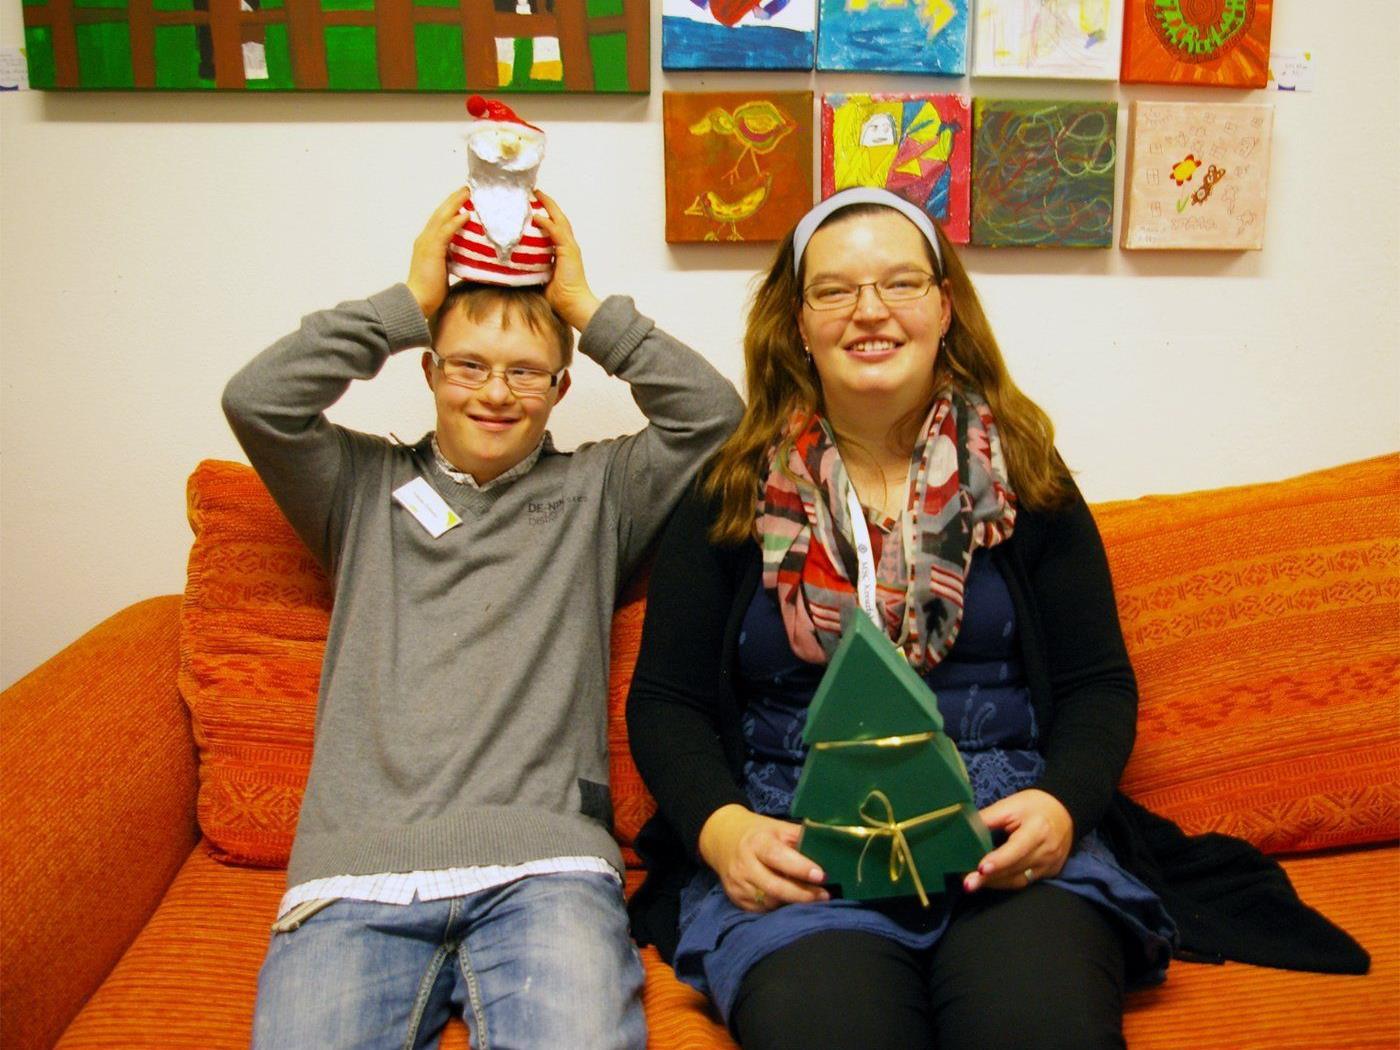 Weihnachtsausstellung.jpg: In den Brockenhäusern der Lebenshilfe Vorarlberg herrscht bereits Weihnachtsstimmung